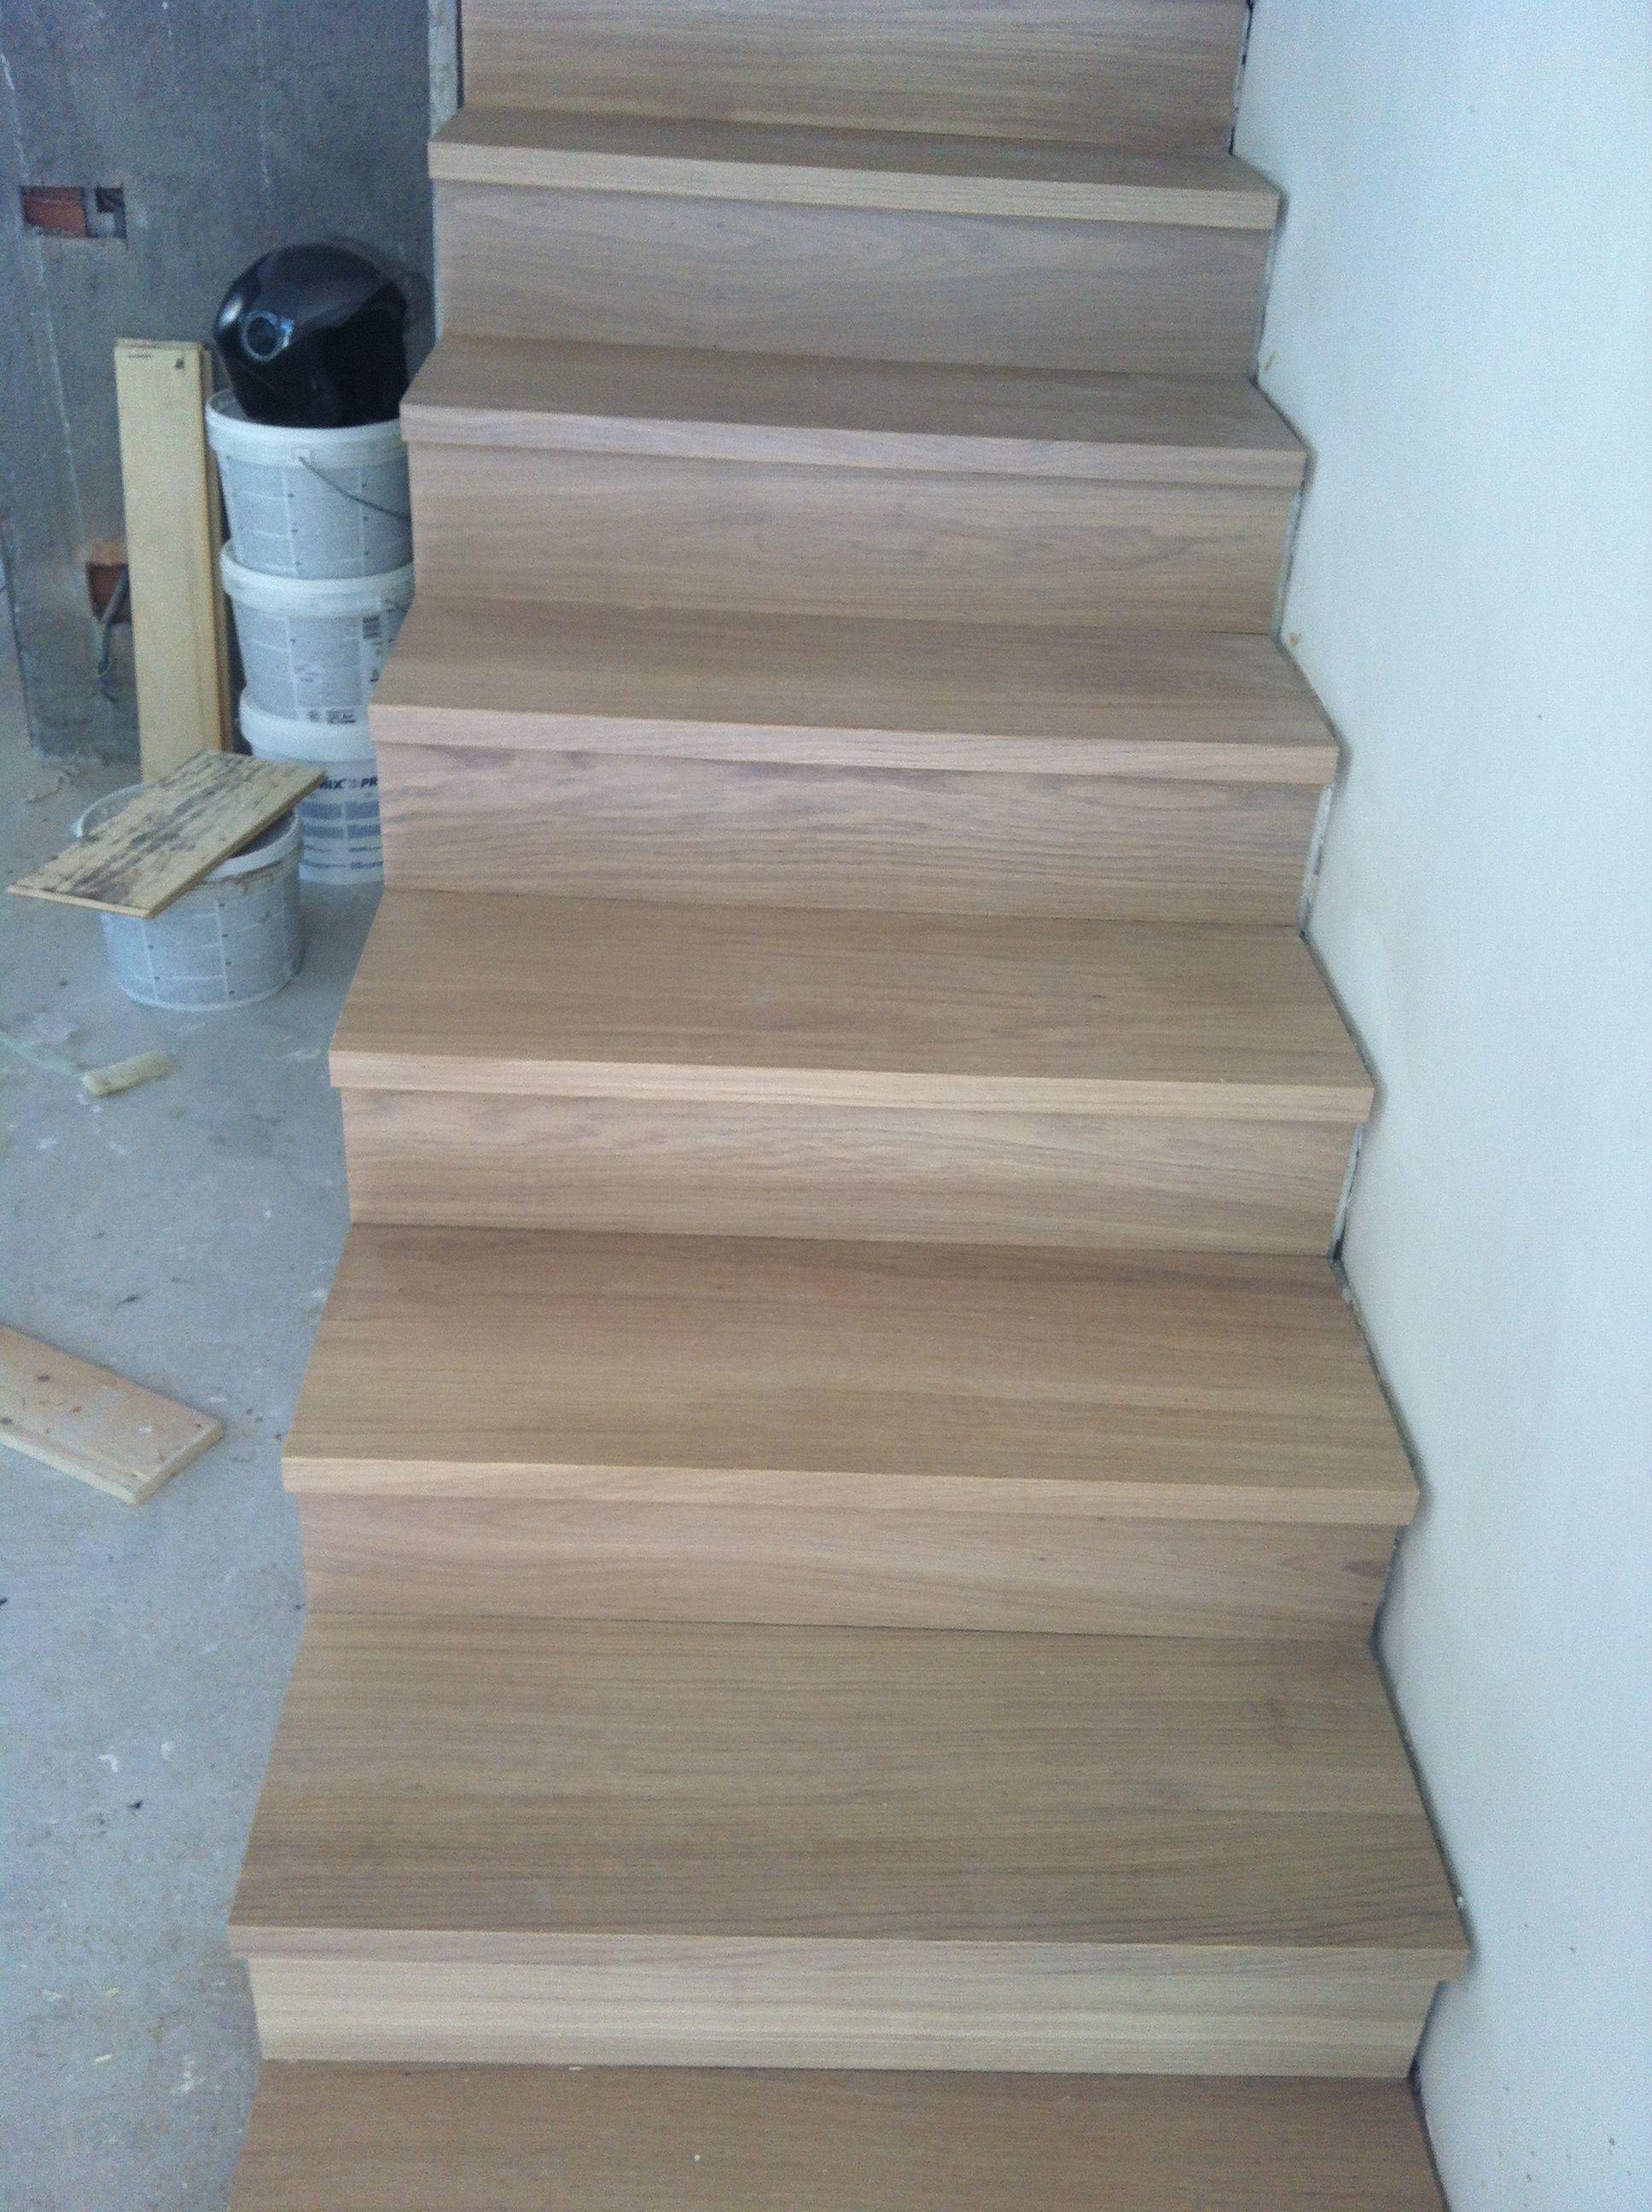 instalacin de escaleras de madera para interior en un duplex